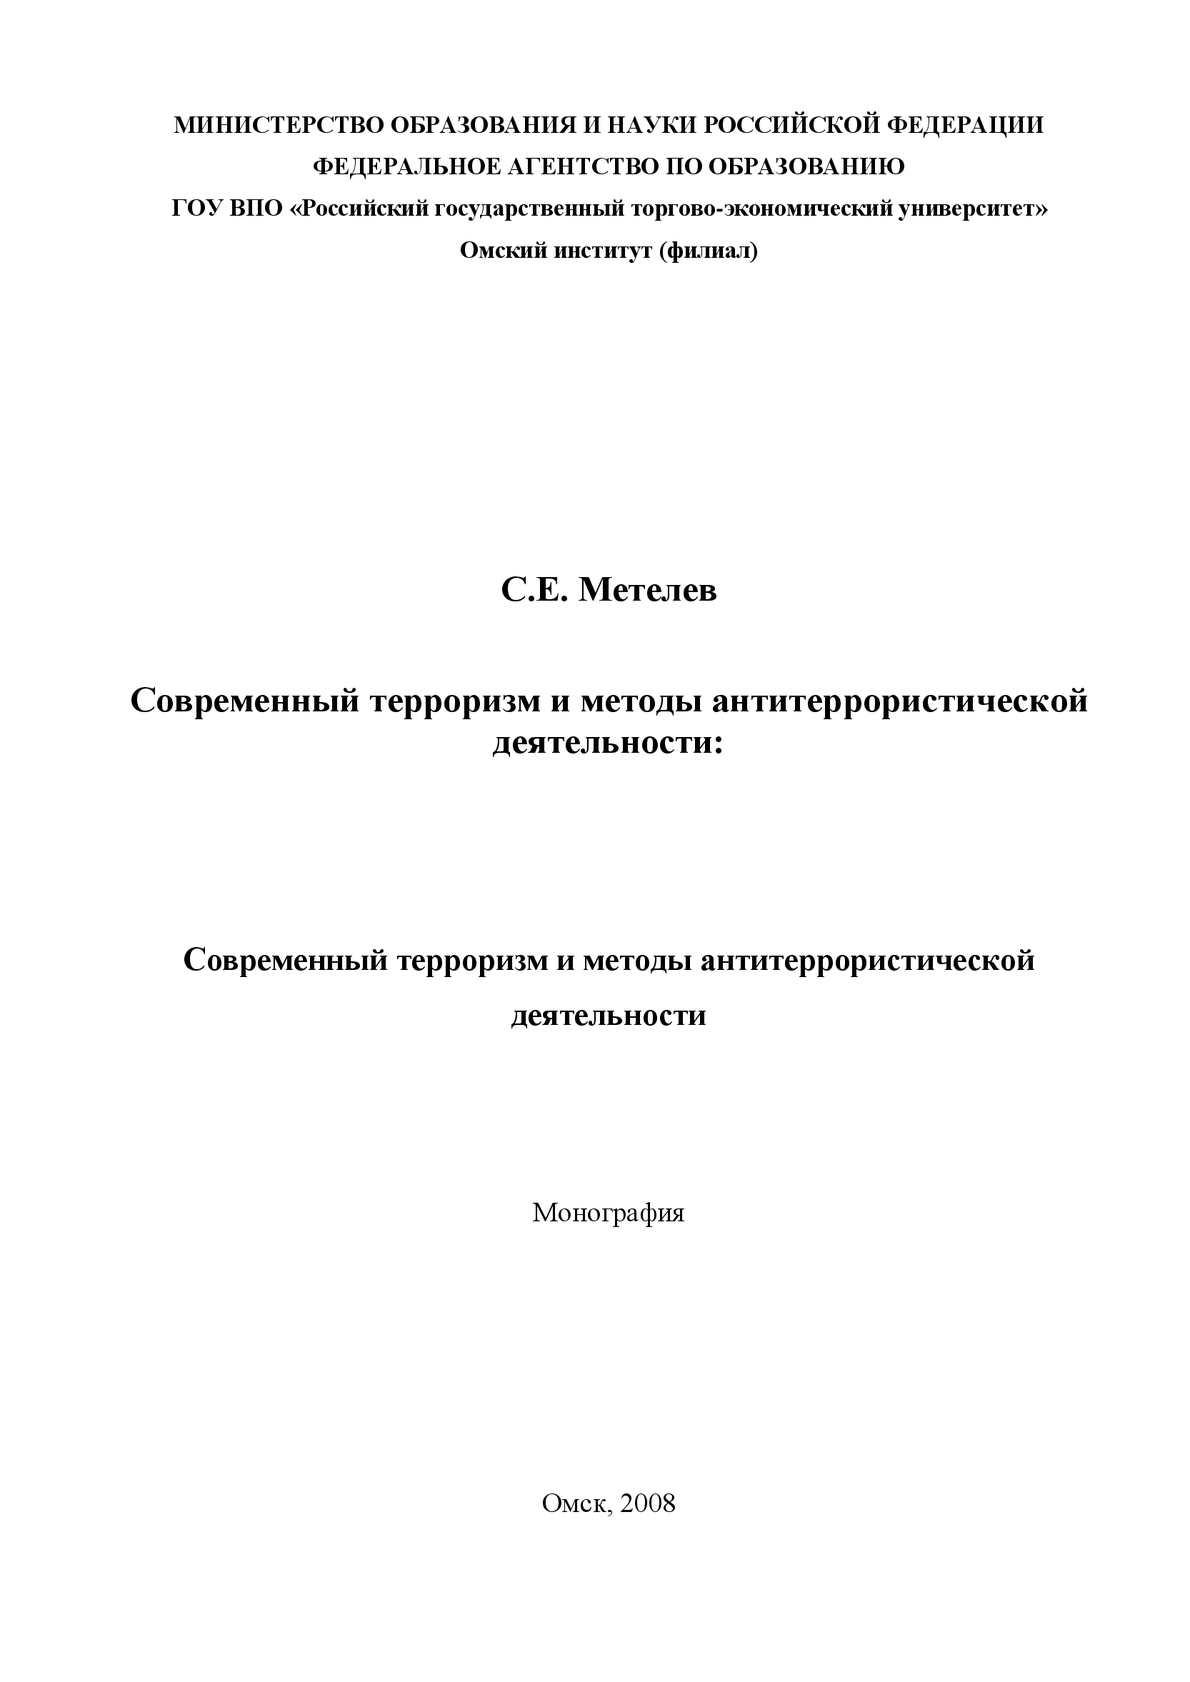 Трудовой договор для фмс в москве Сальвадора Альенде улица документы для кредита в москве Смоленская-Сенная площадь